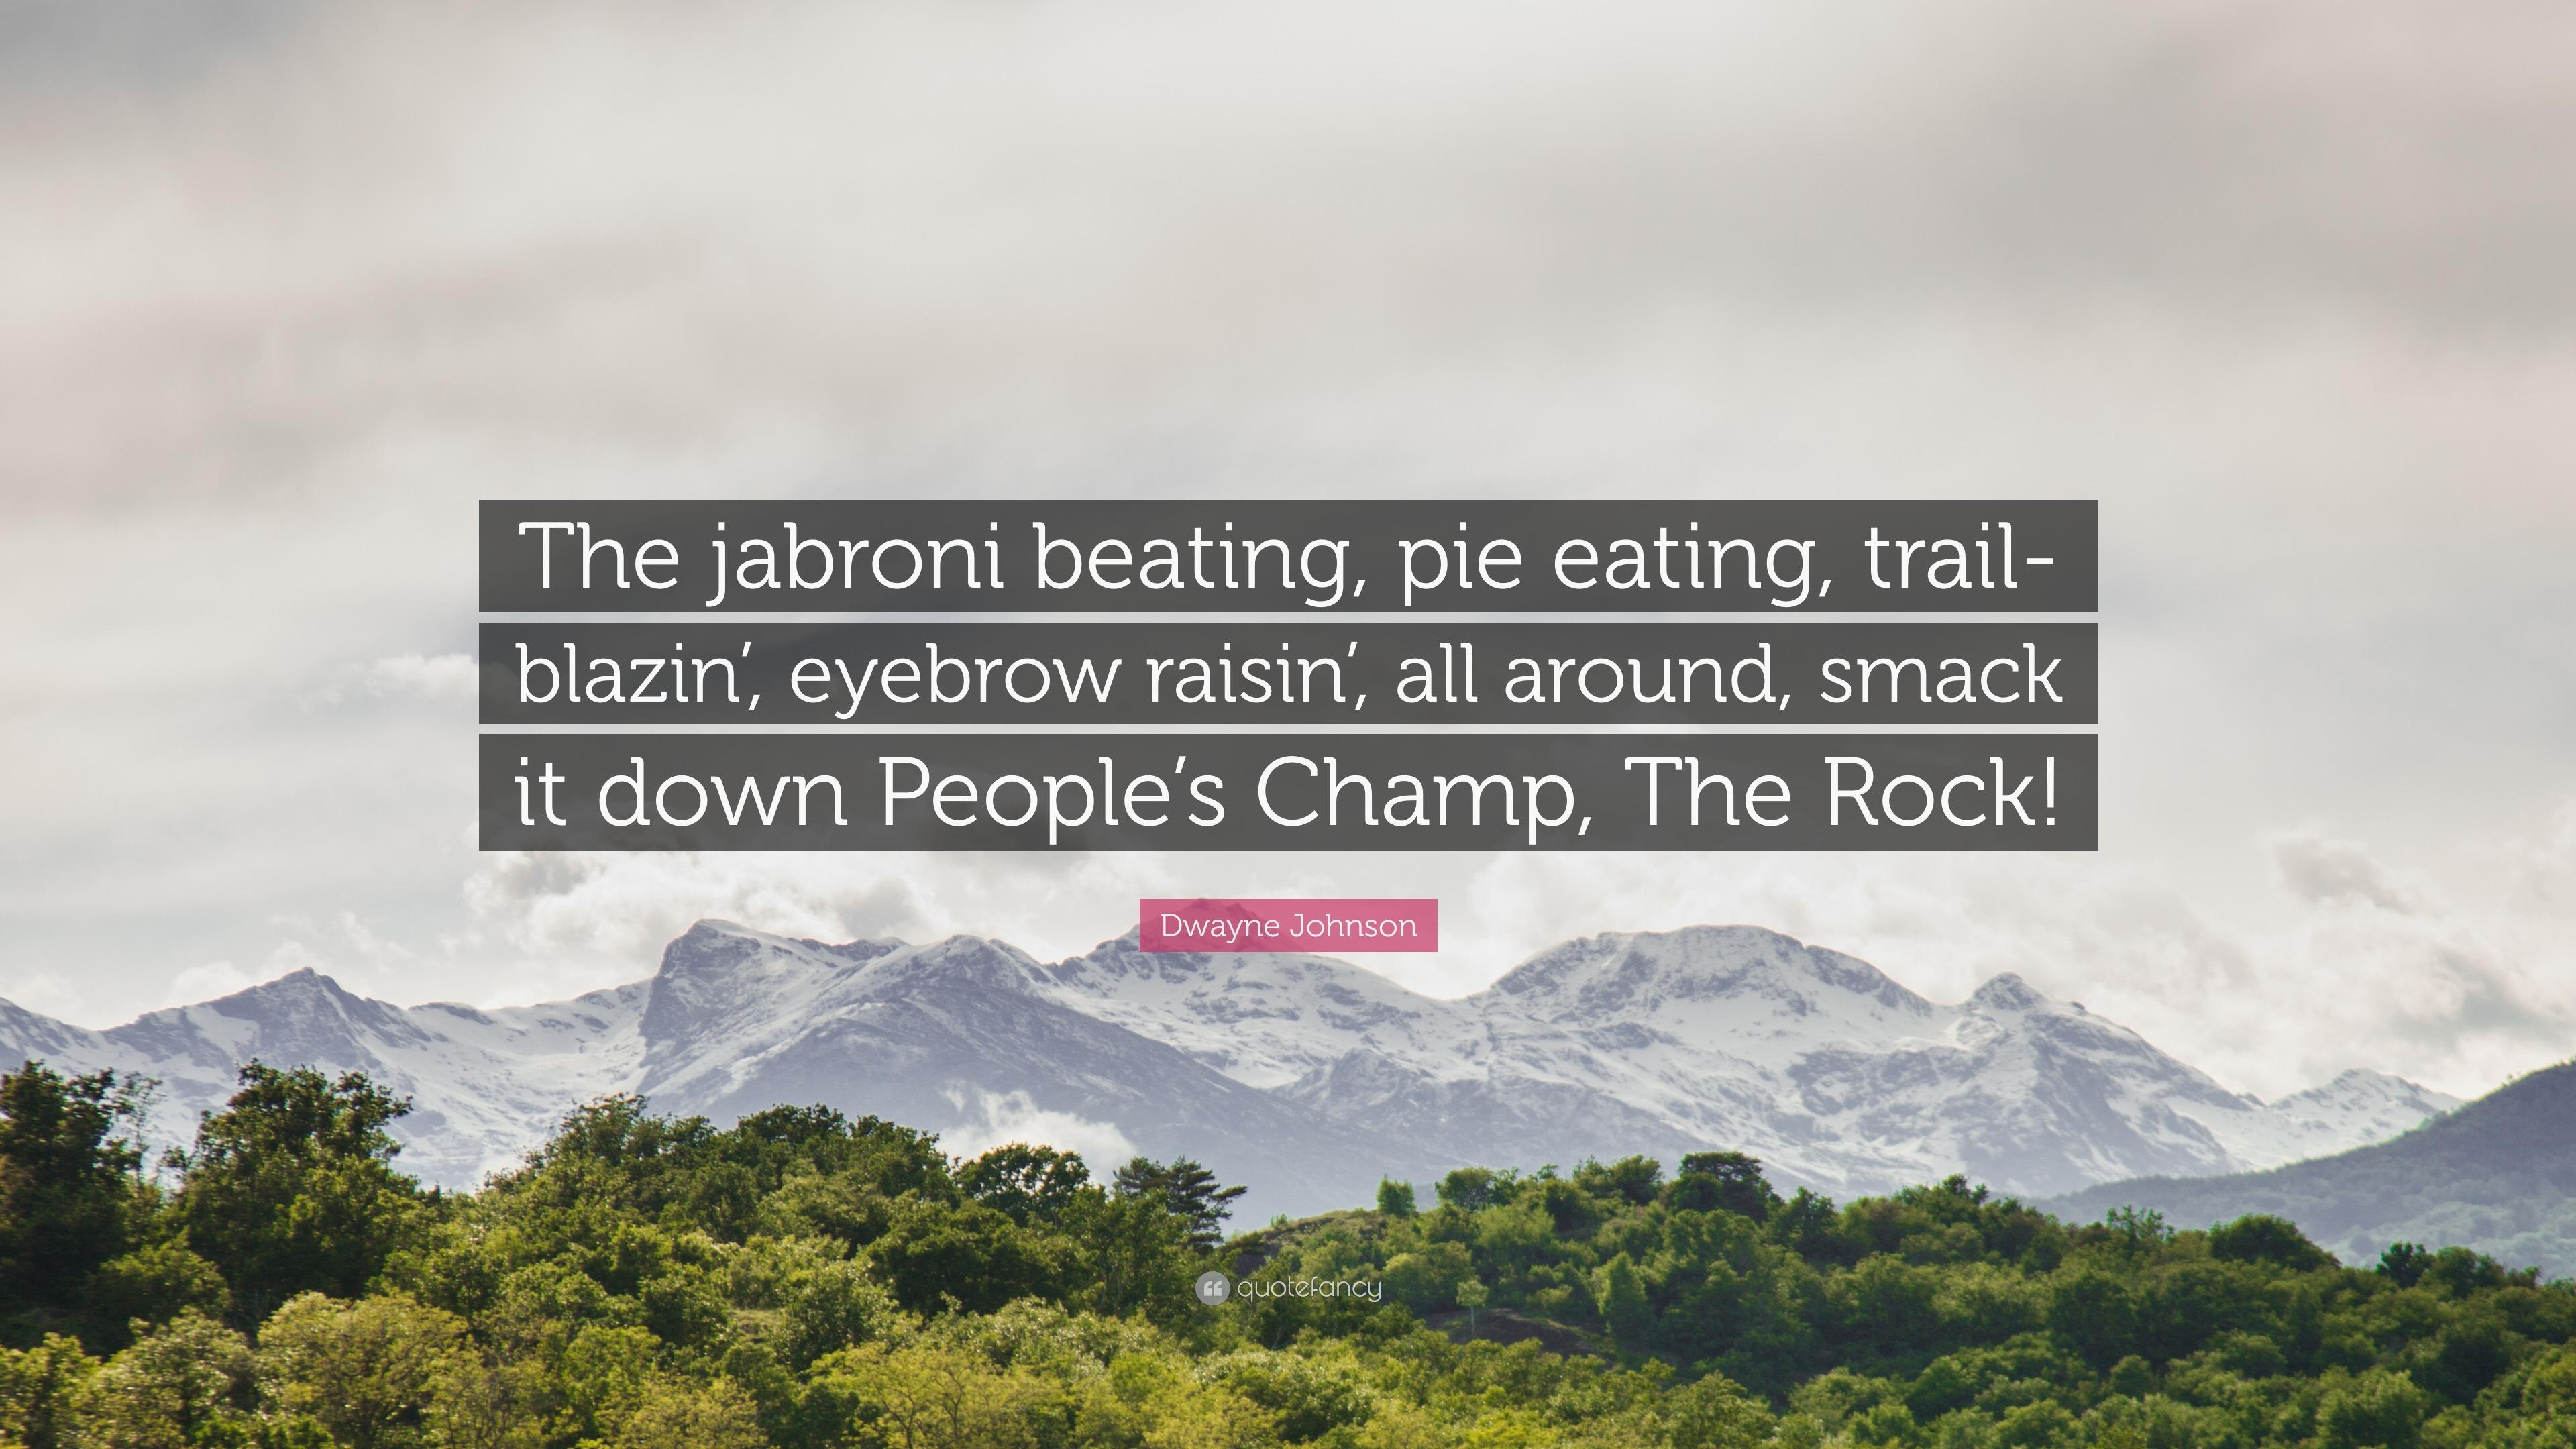 Jabroni beating pie eating